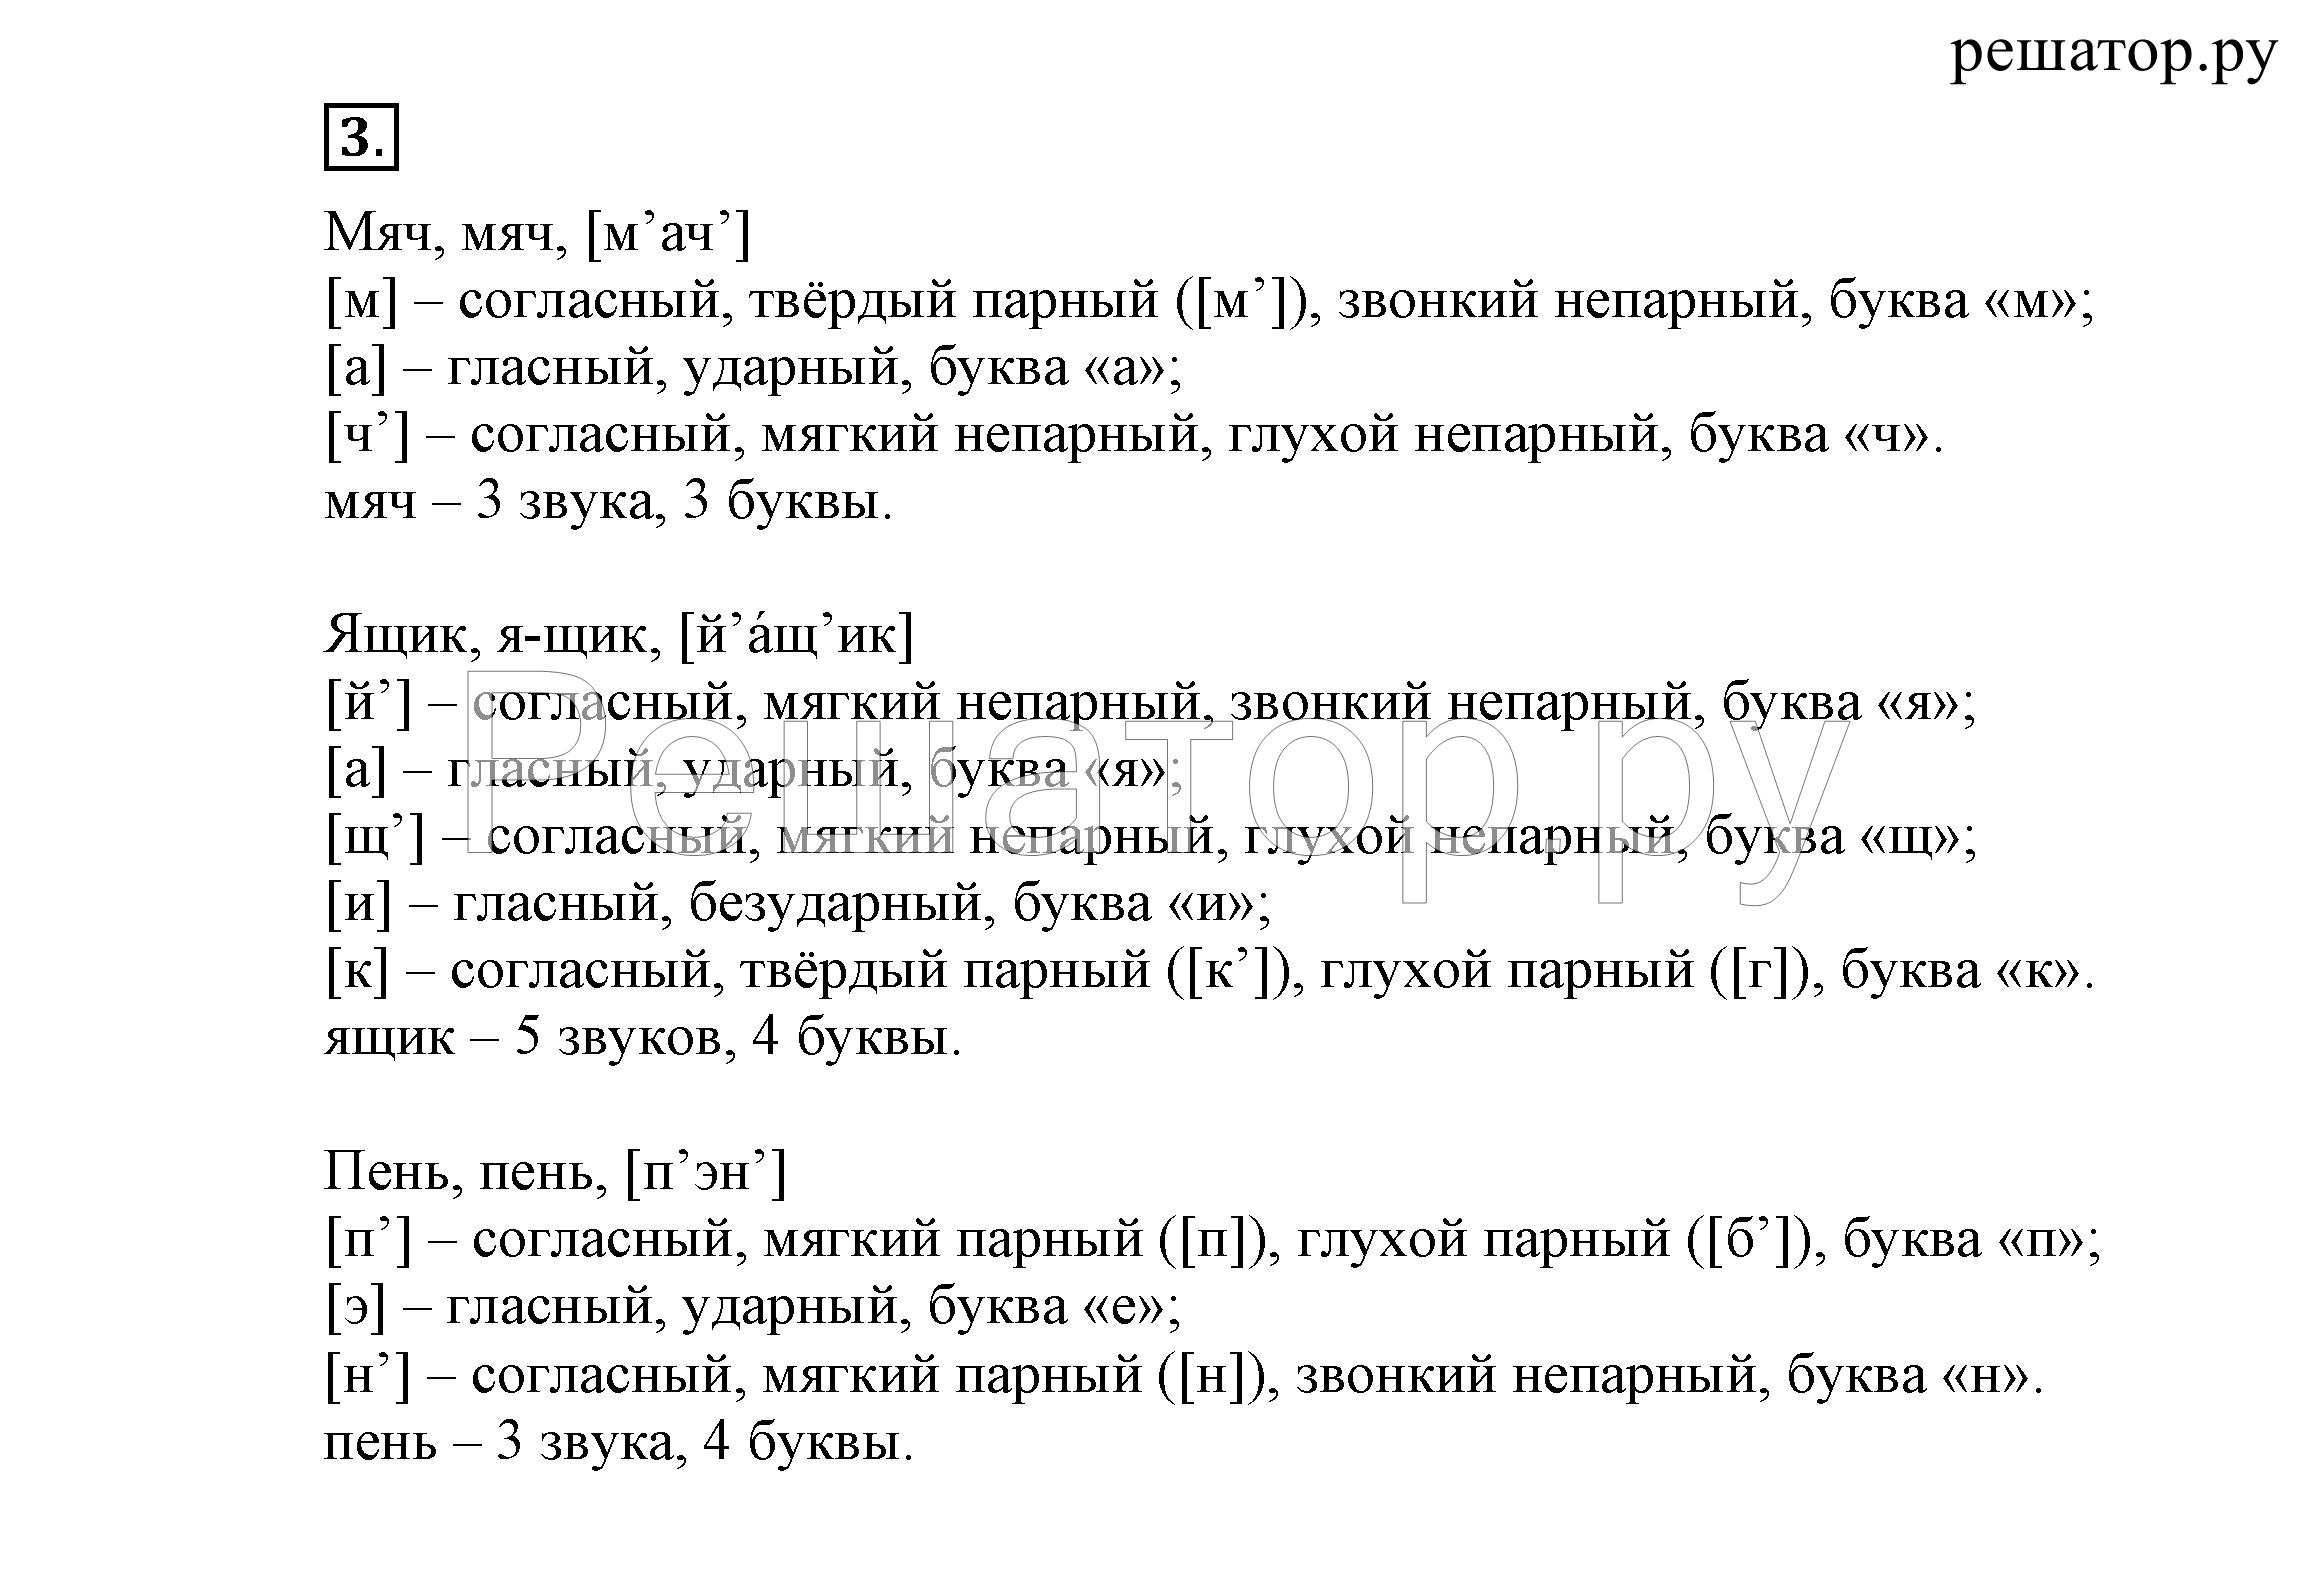 Сошьём фонетический (звуко-буквенный) разбор слова 95